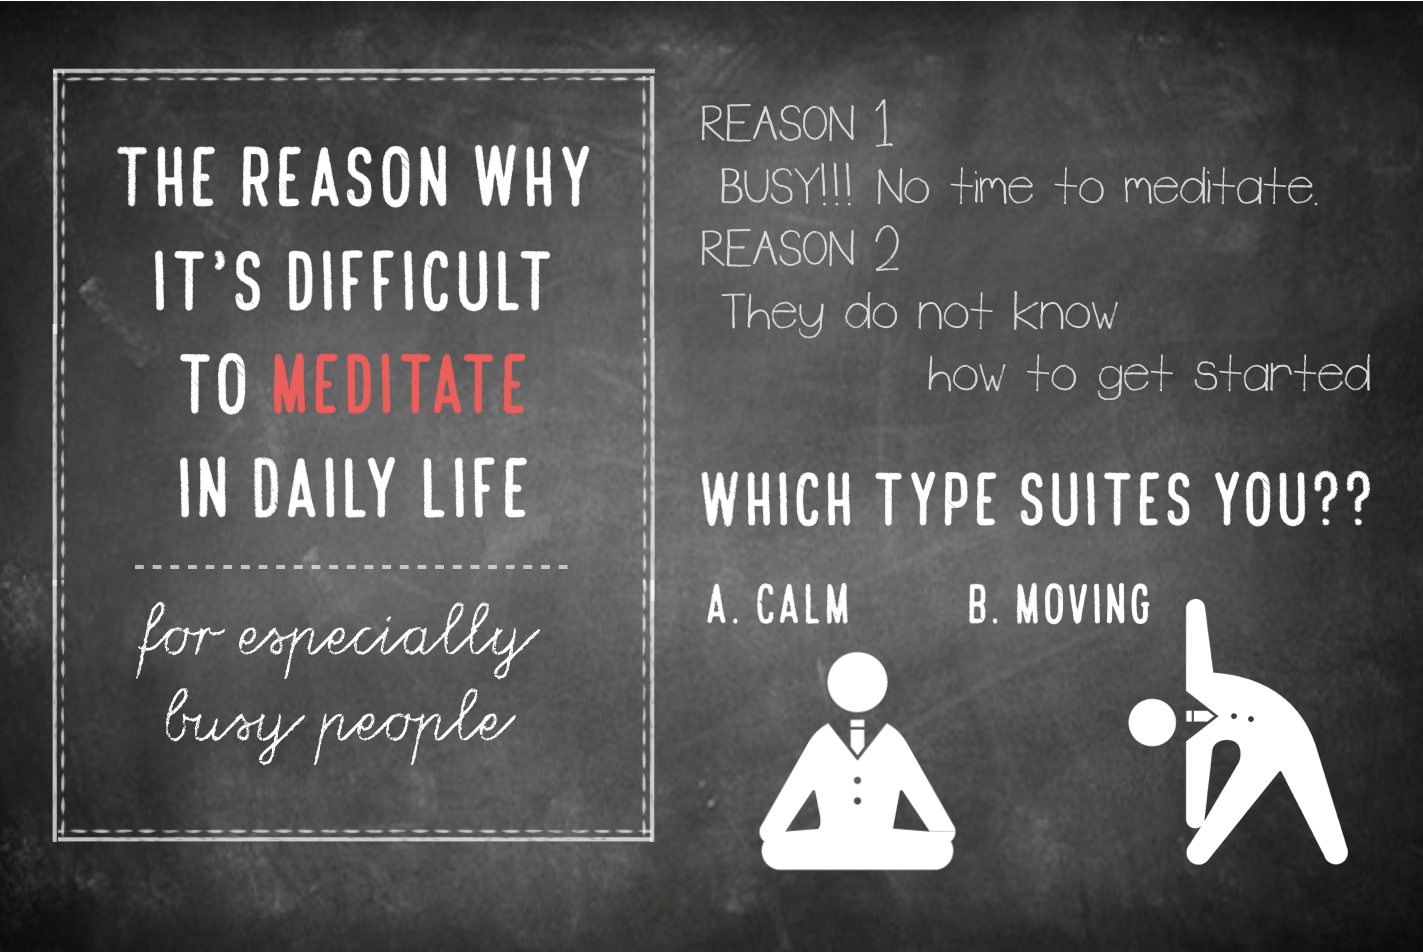 ヨガではじめる「 瞑想 」のコツ | 動く瞑想と静かな瞑想